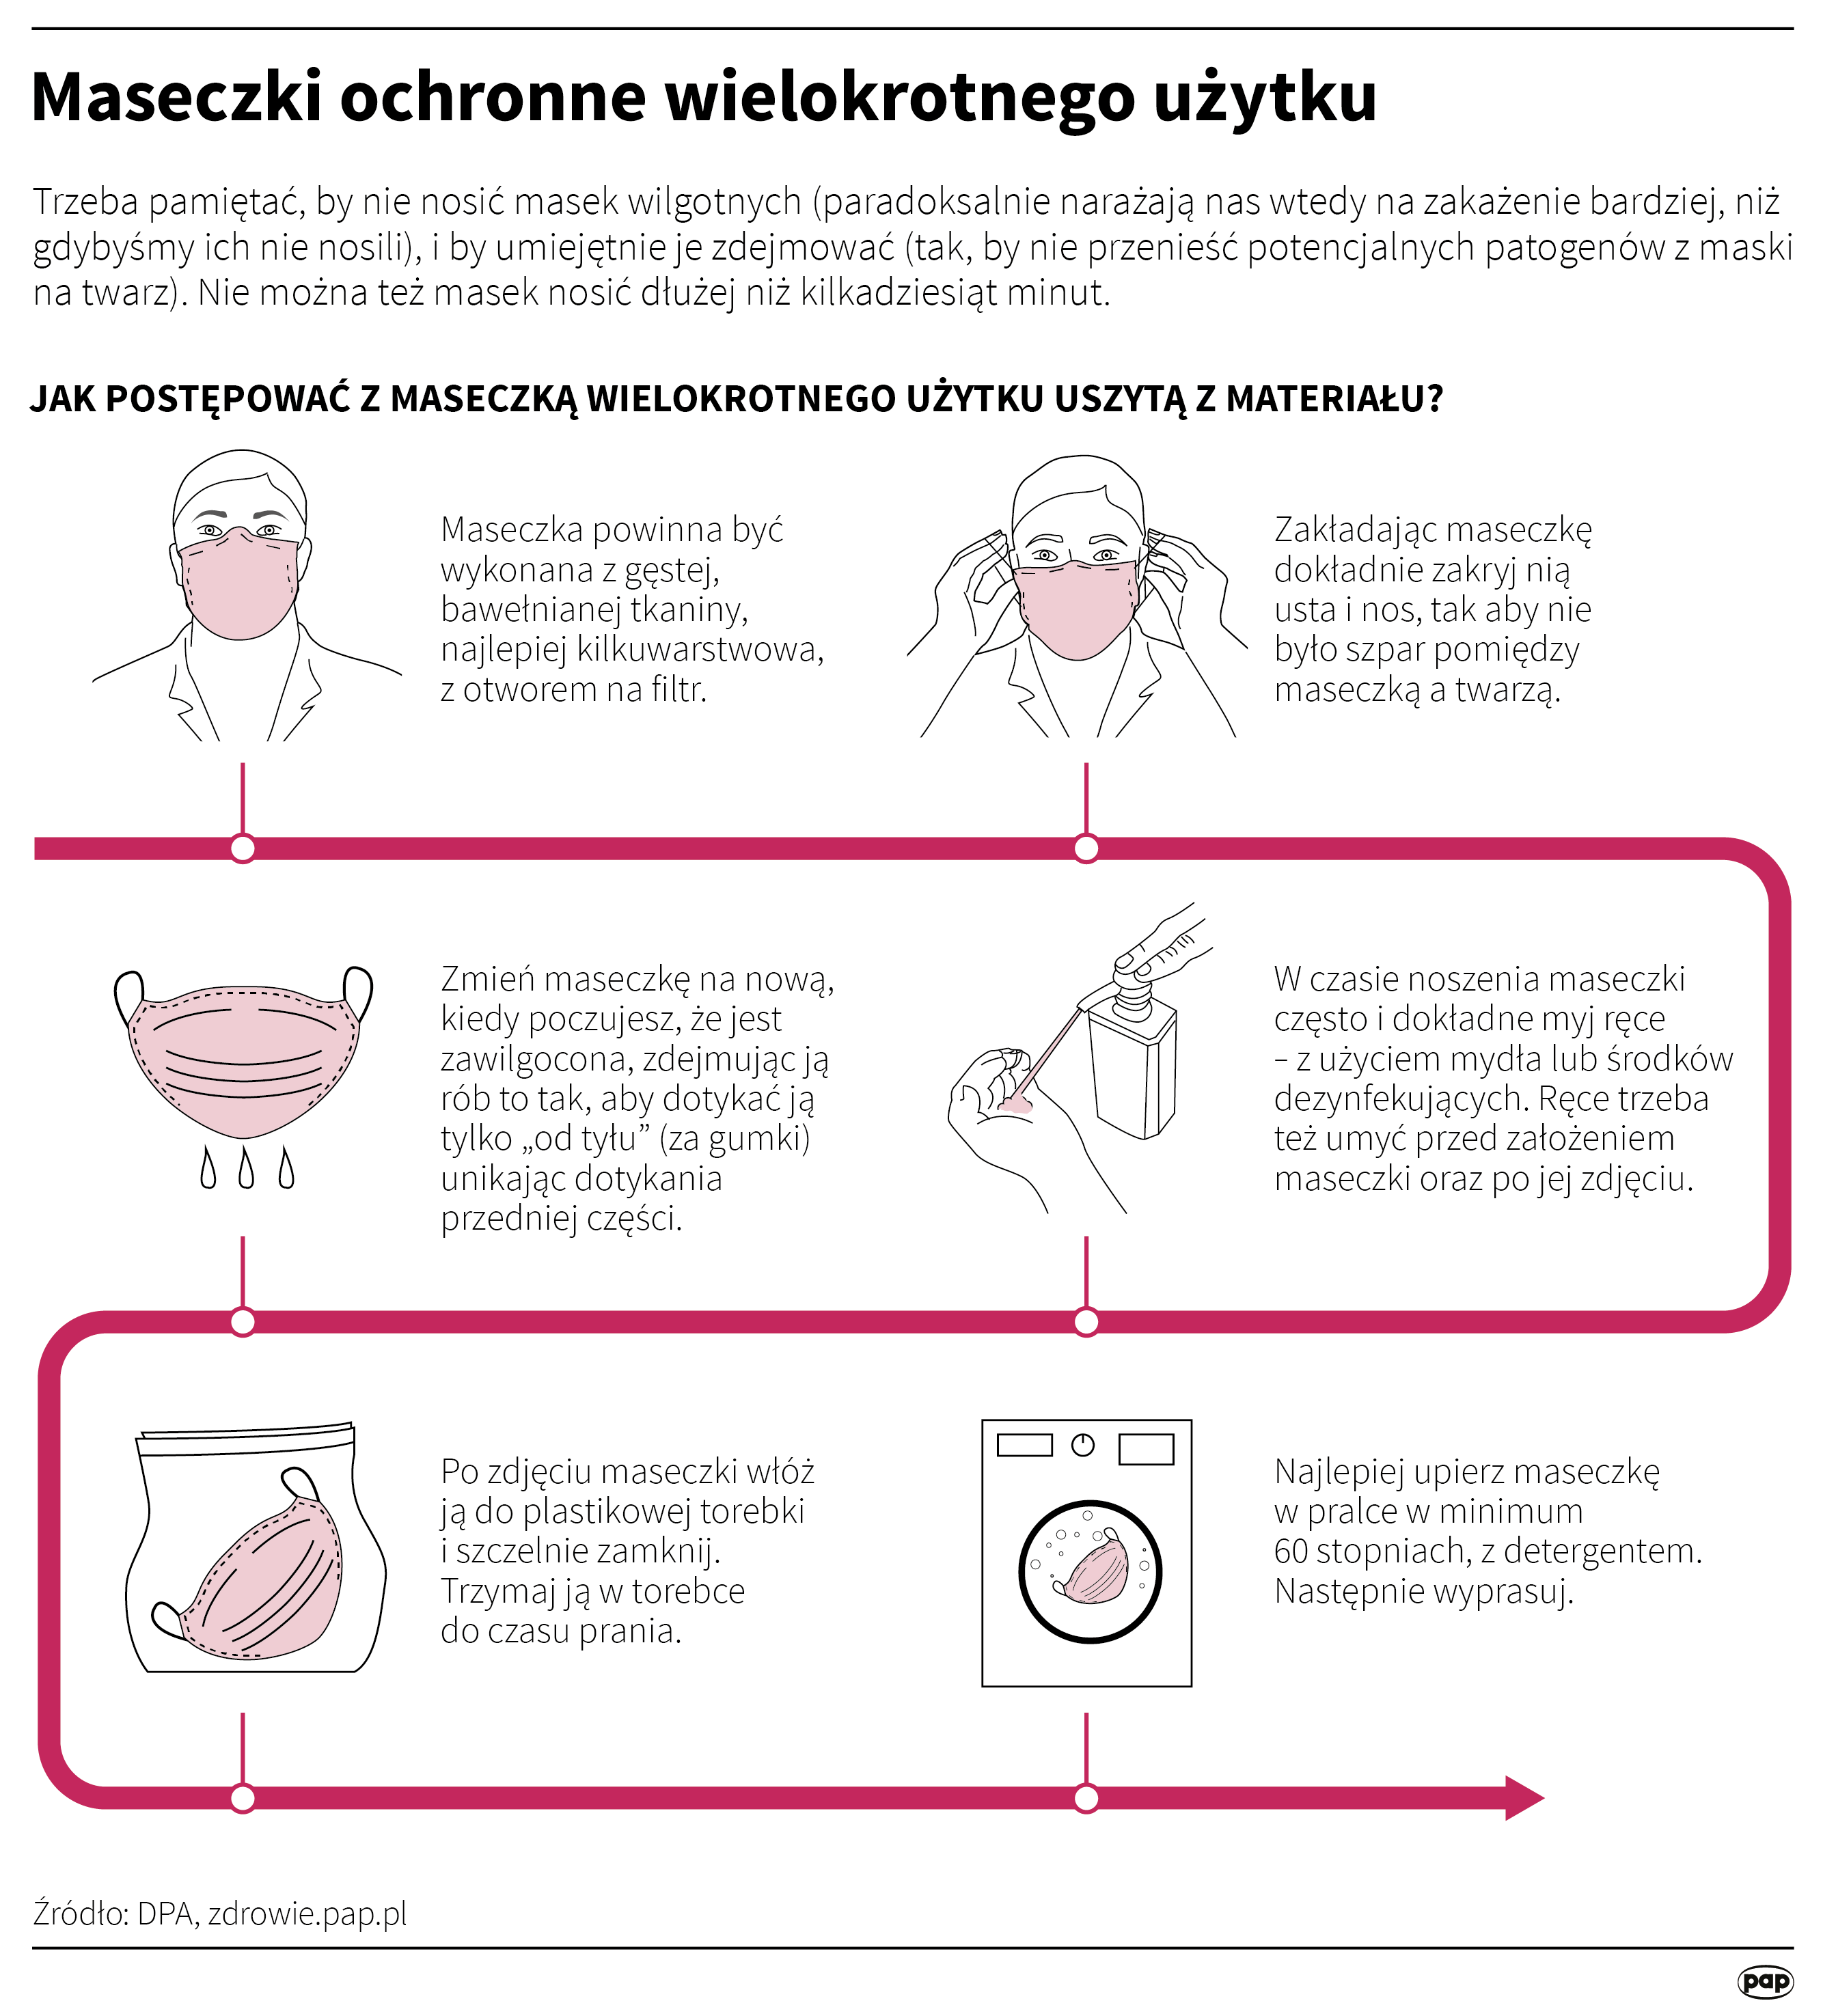 Nie można nosić masek ochronnych dłużej niż kilkadziesiąt minut (opr. Maria Samczuk/PAP)